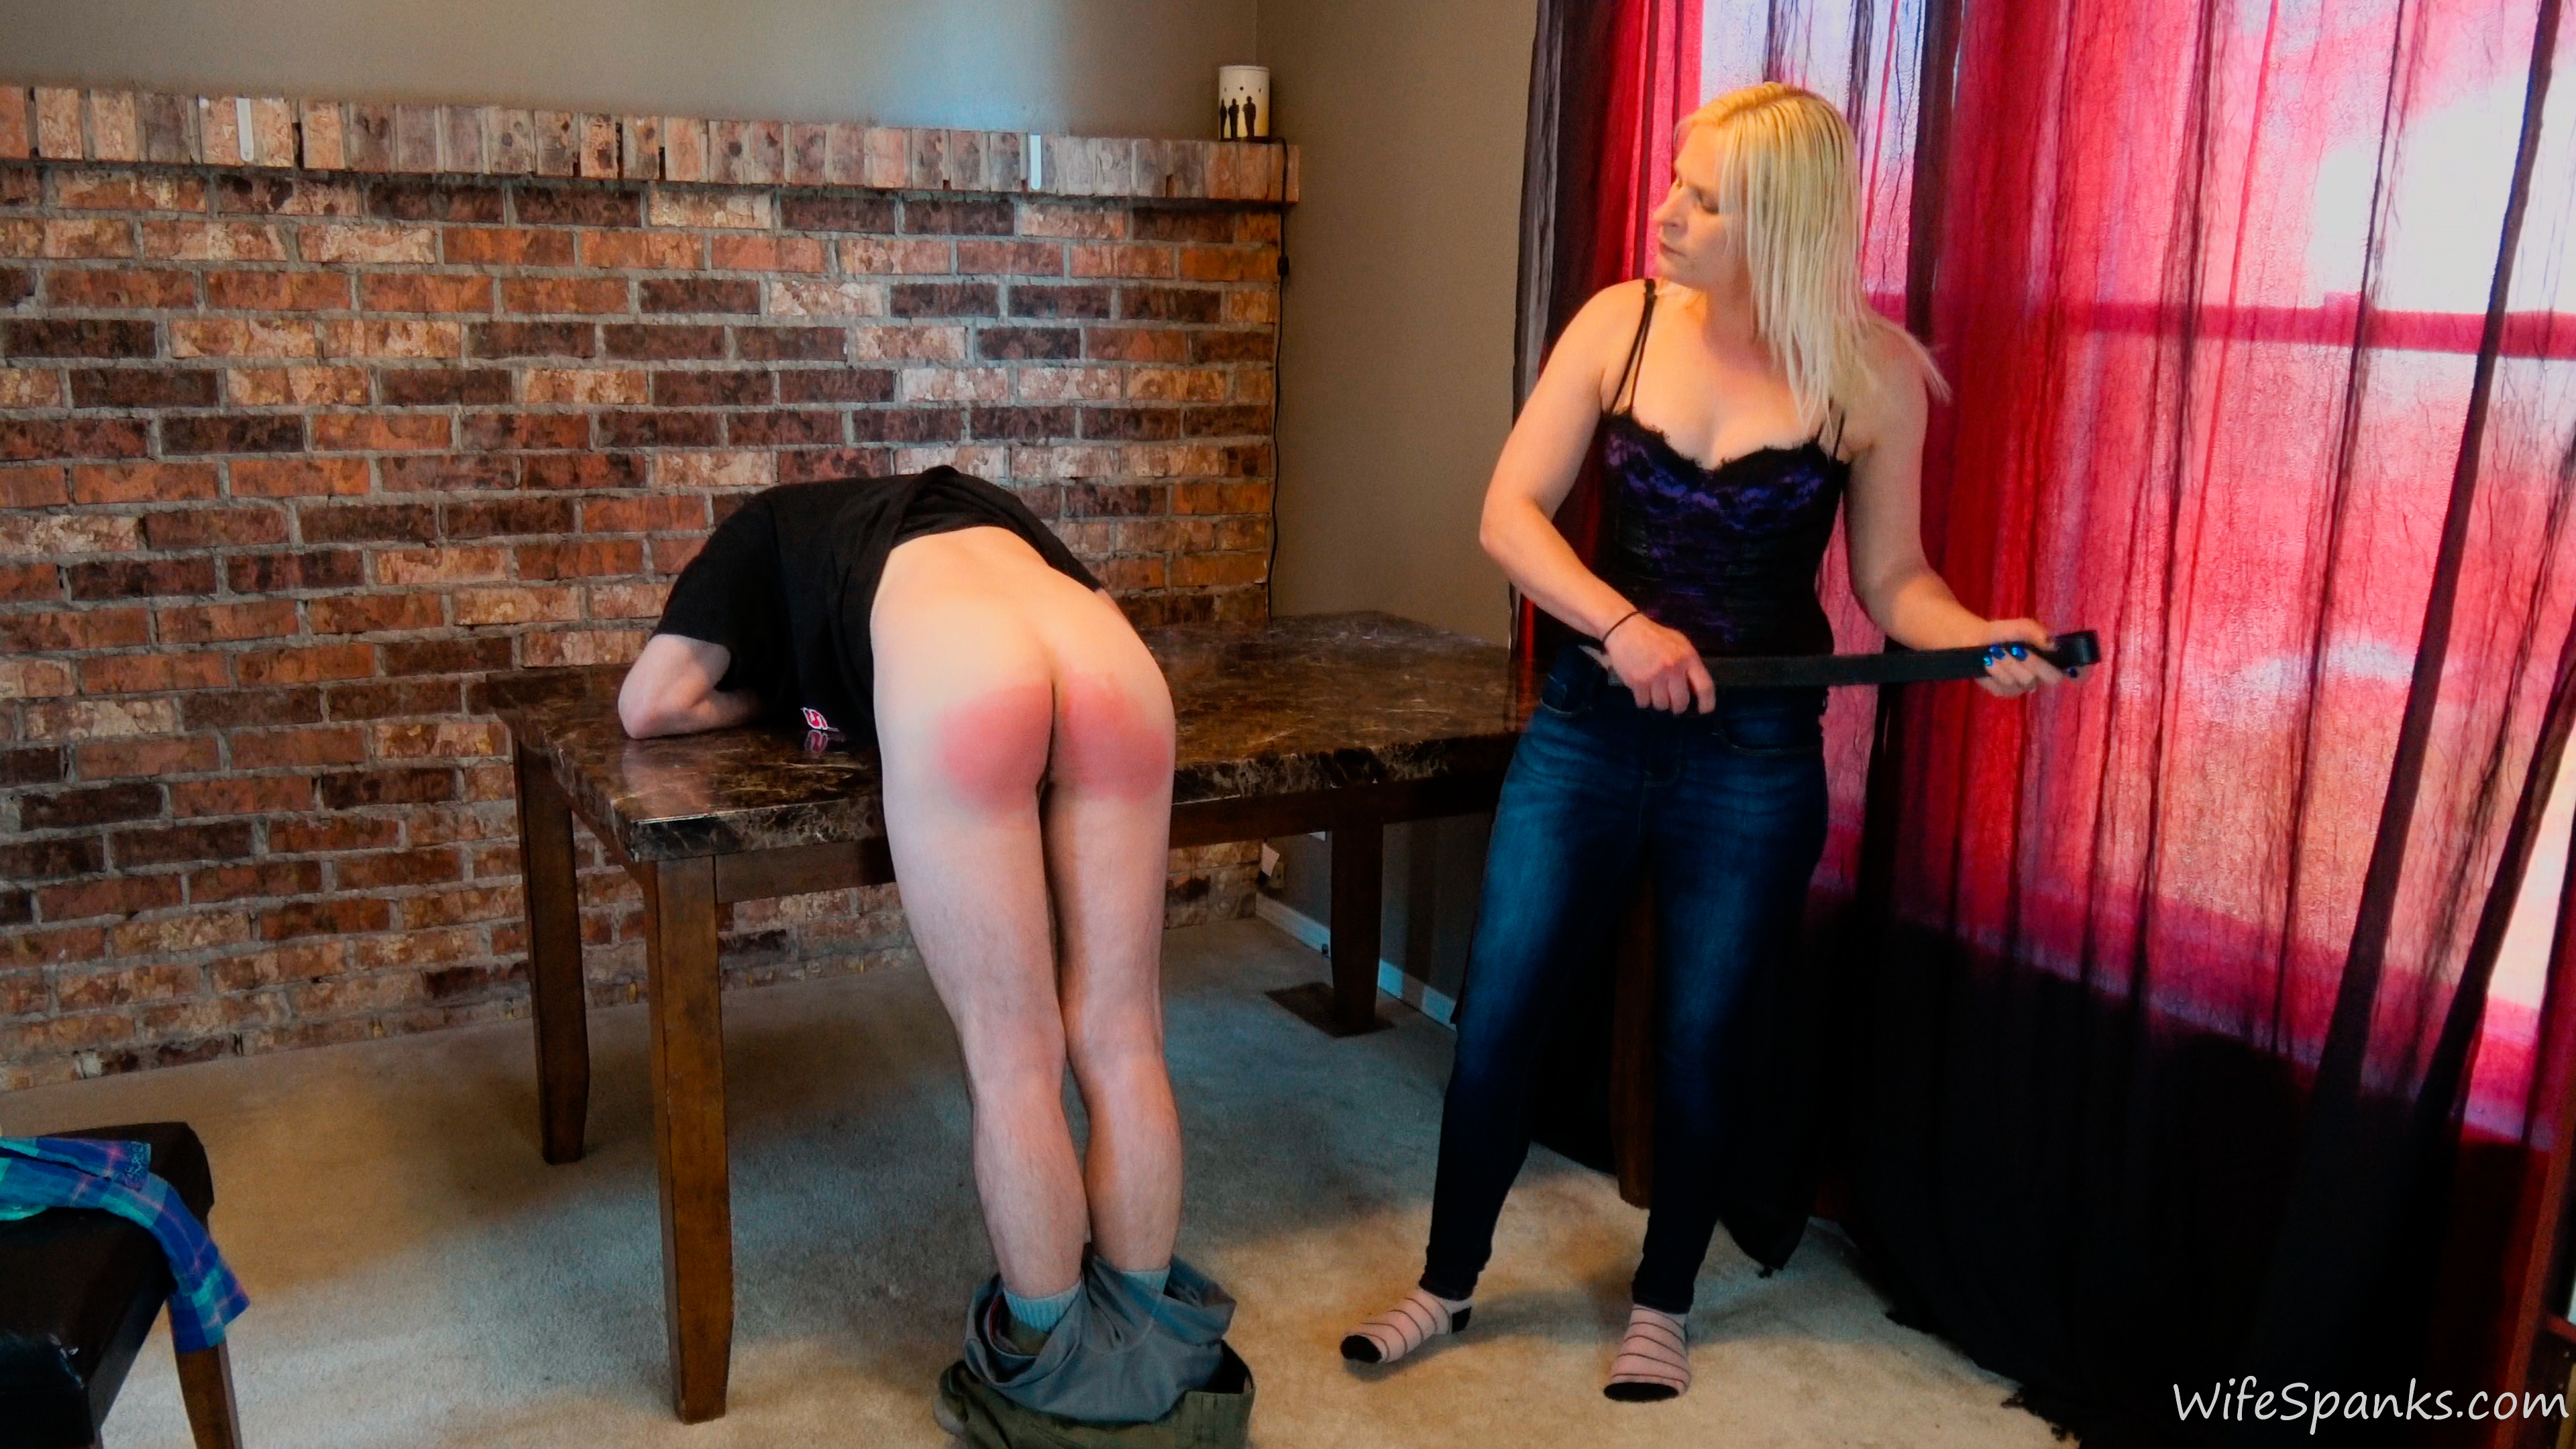 Wife spanks hard hot pics